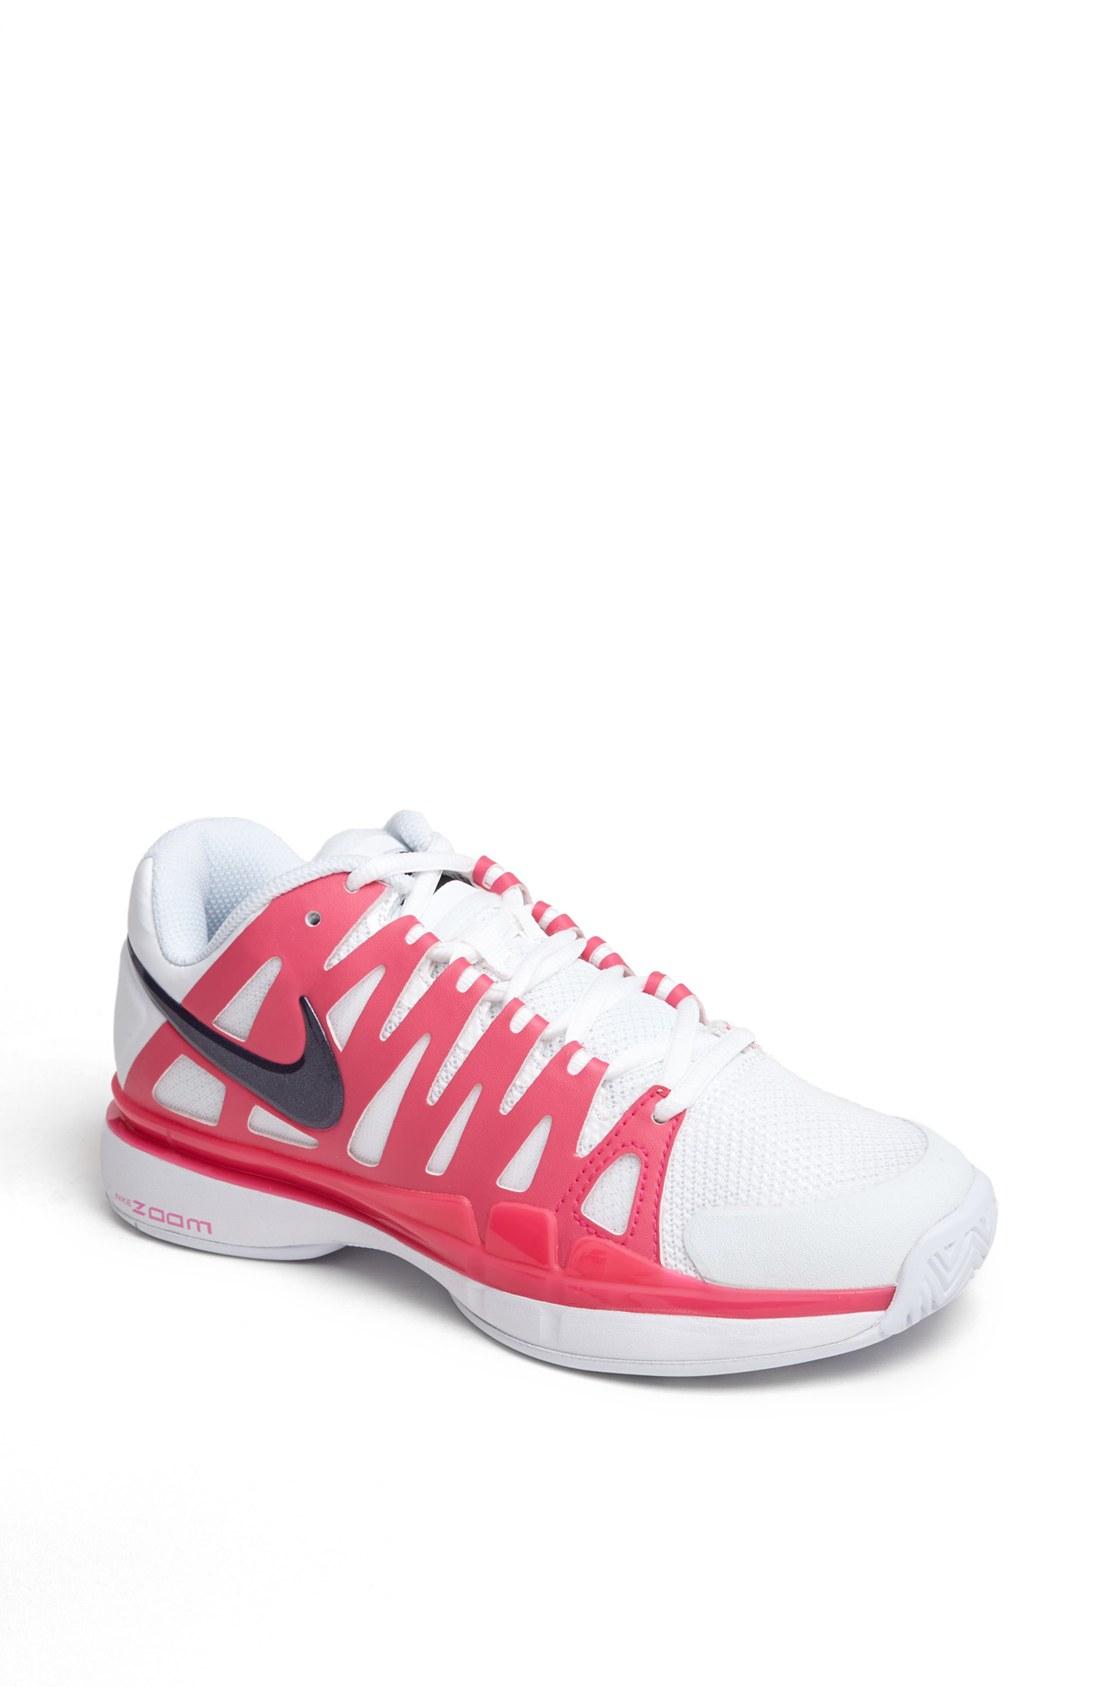 Nike Zoom Vapor 9 Tour Tennis Shoe in Pink (White/ Purple ...